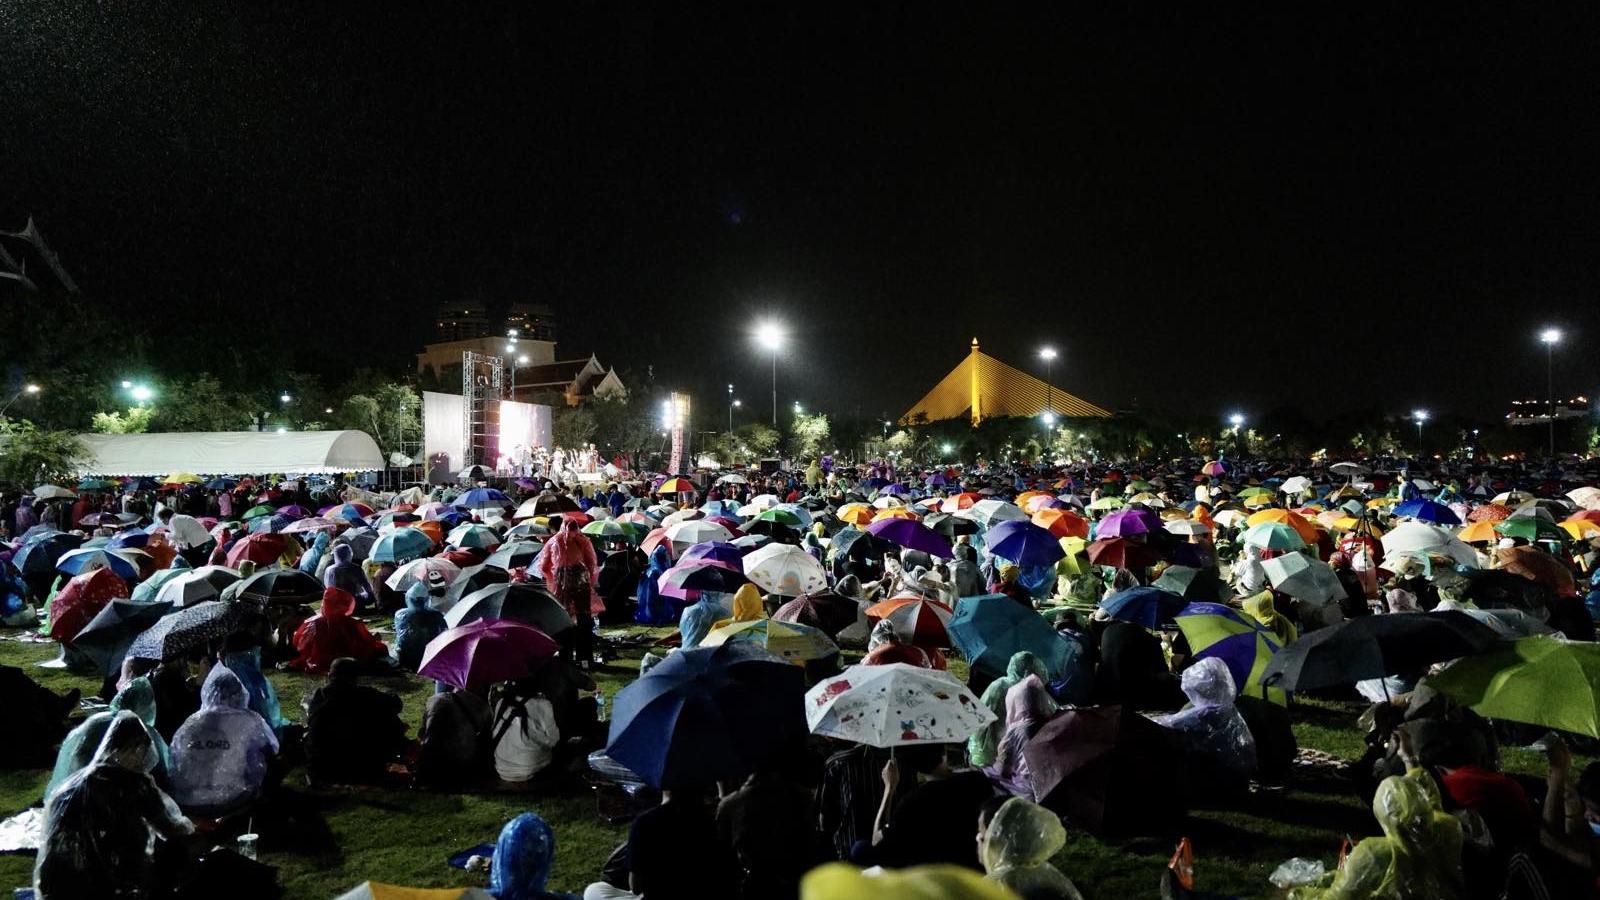 Thủ tướng Thái Lan cảnh báo biểu tình sẽ cản trở cơ hội phát triển của đất nước